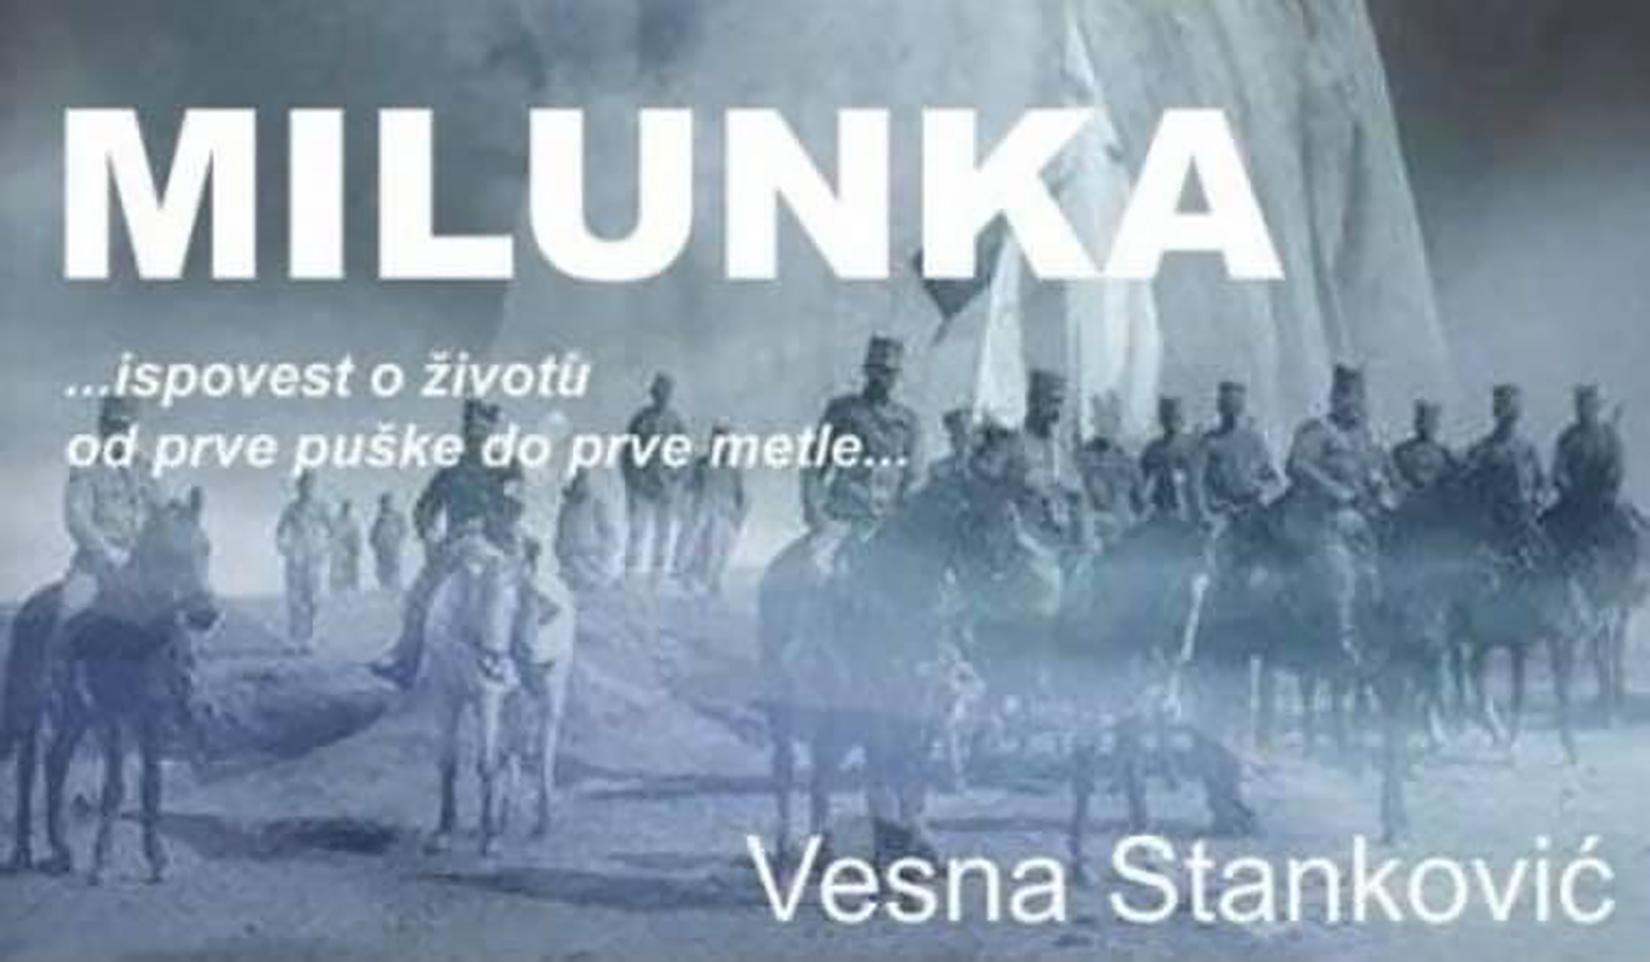 Milunka - poster